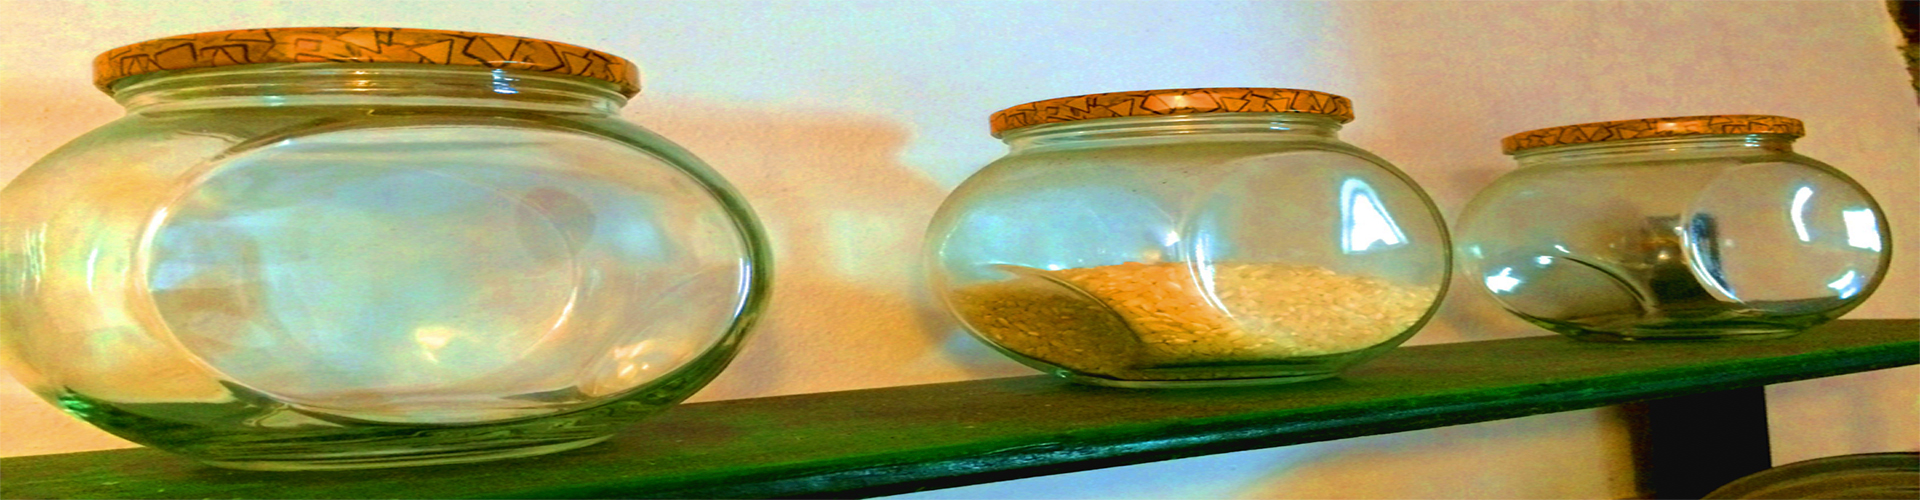 Imagen 2 visor home